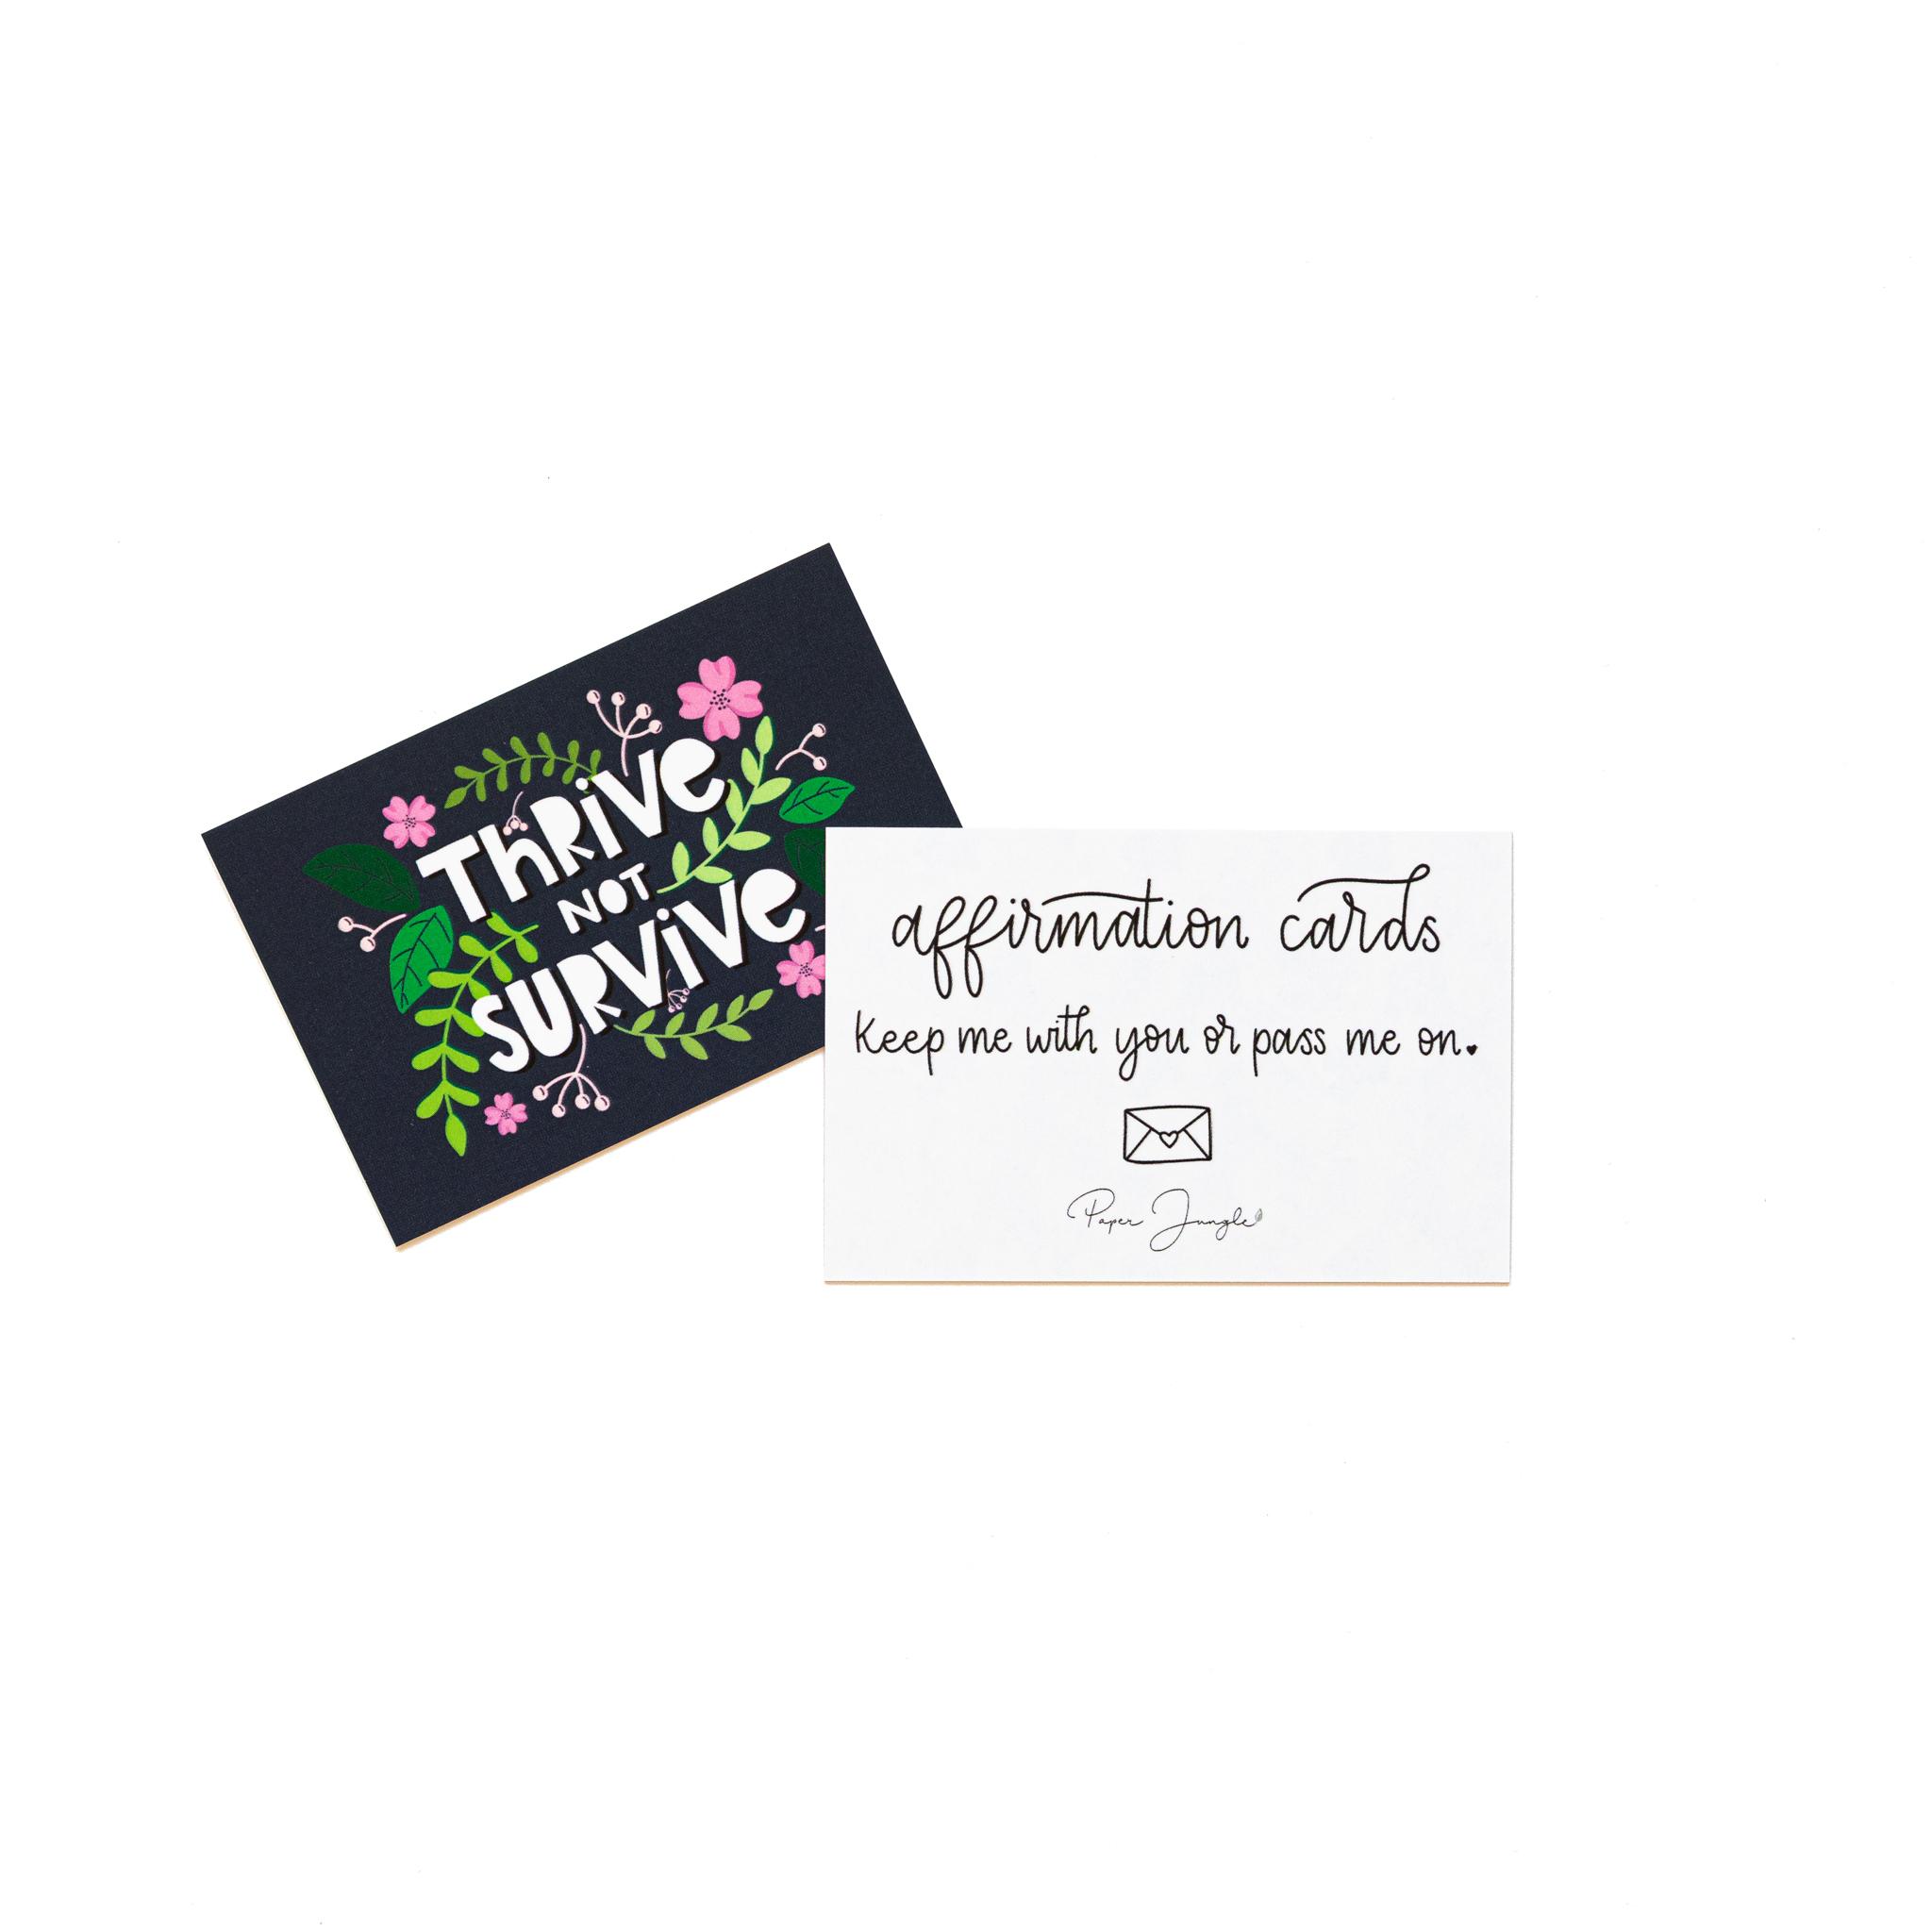 Affirmation cards-2